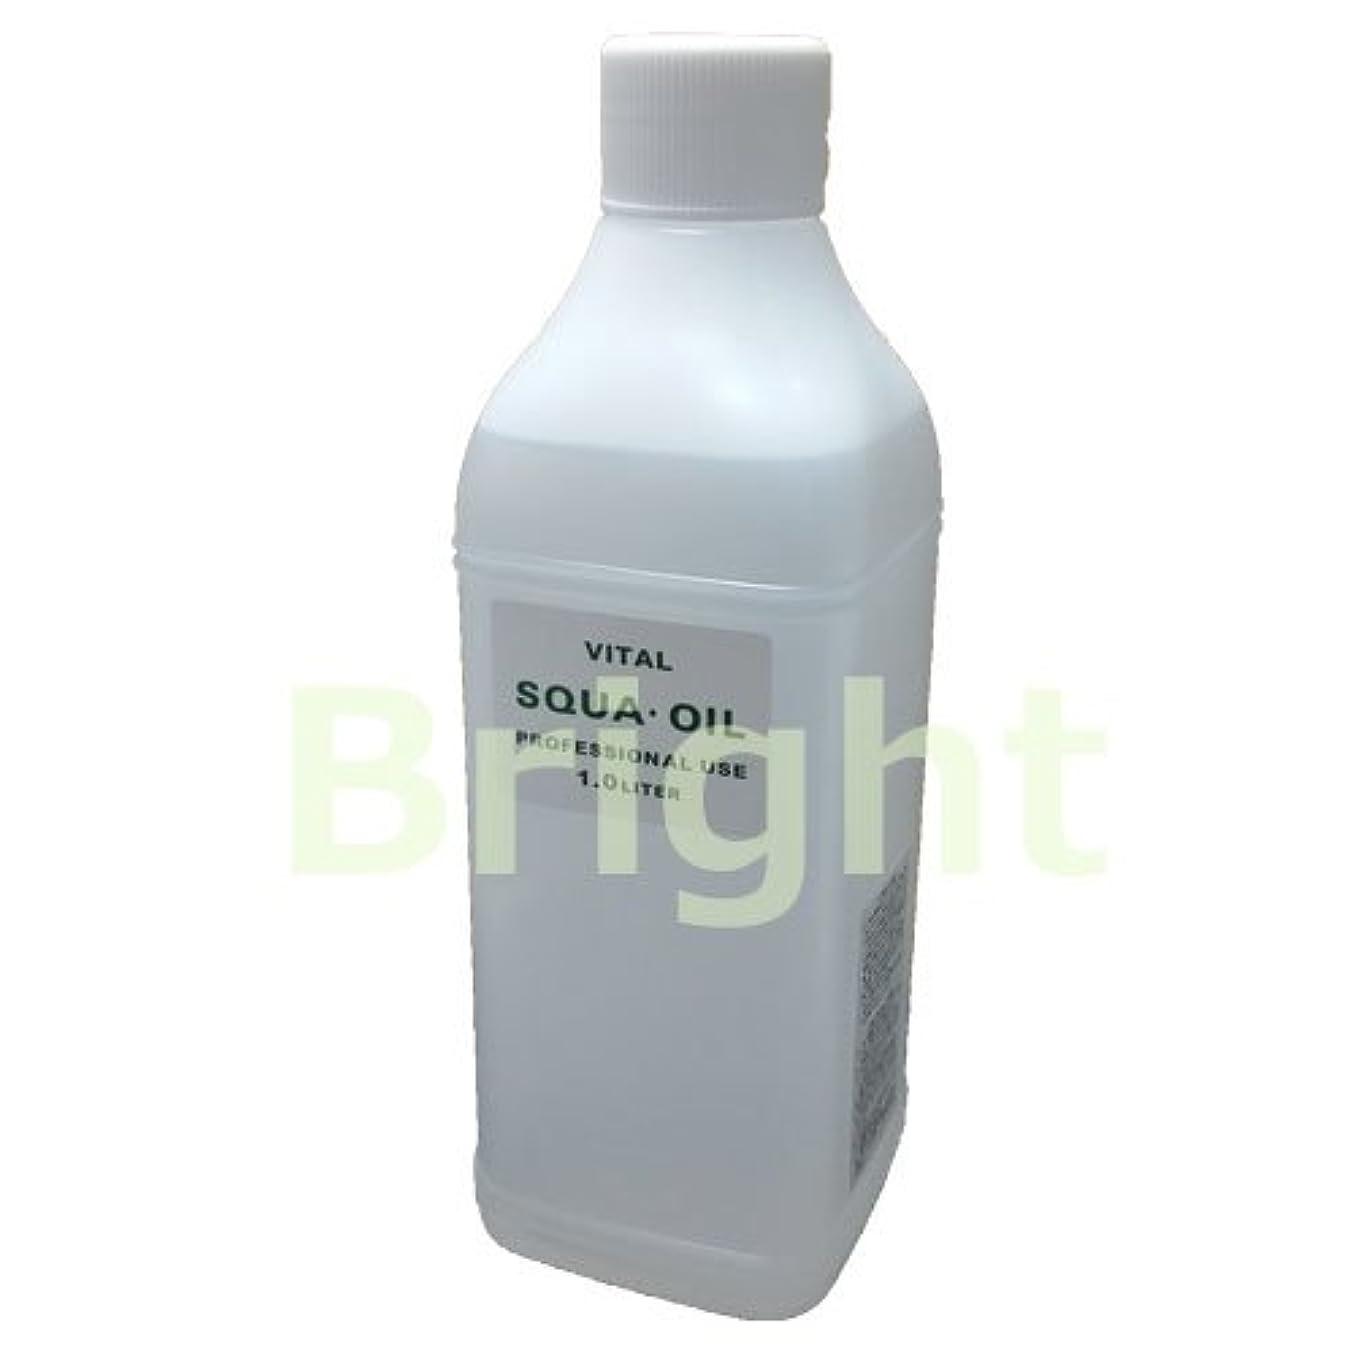 補うより海外バイタルワークス スクアオイル 1000cc (マッサージ用化粧油) ジャパンバイタル